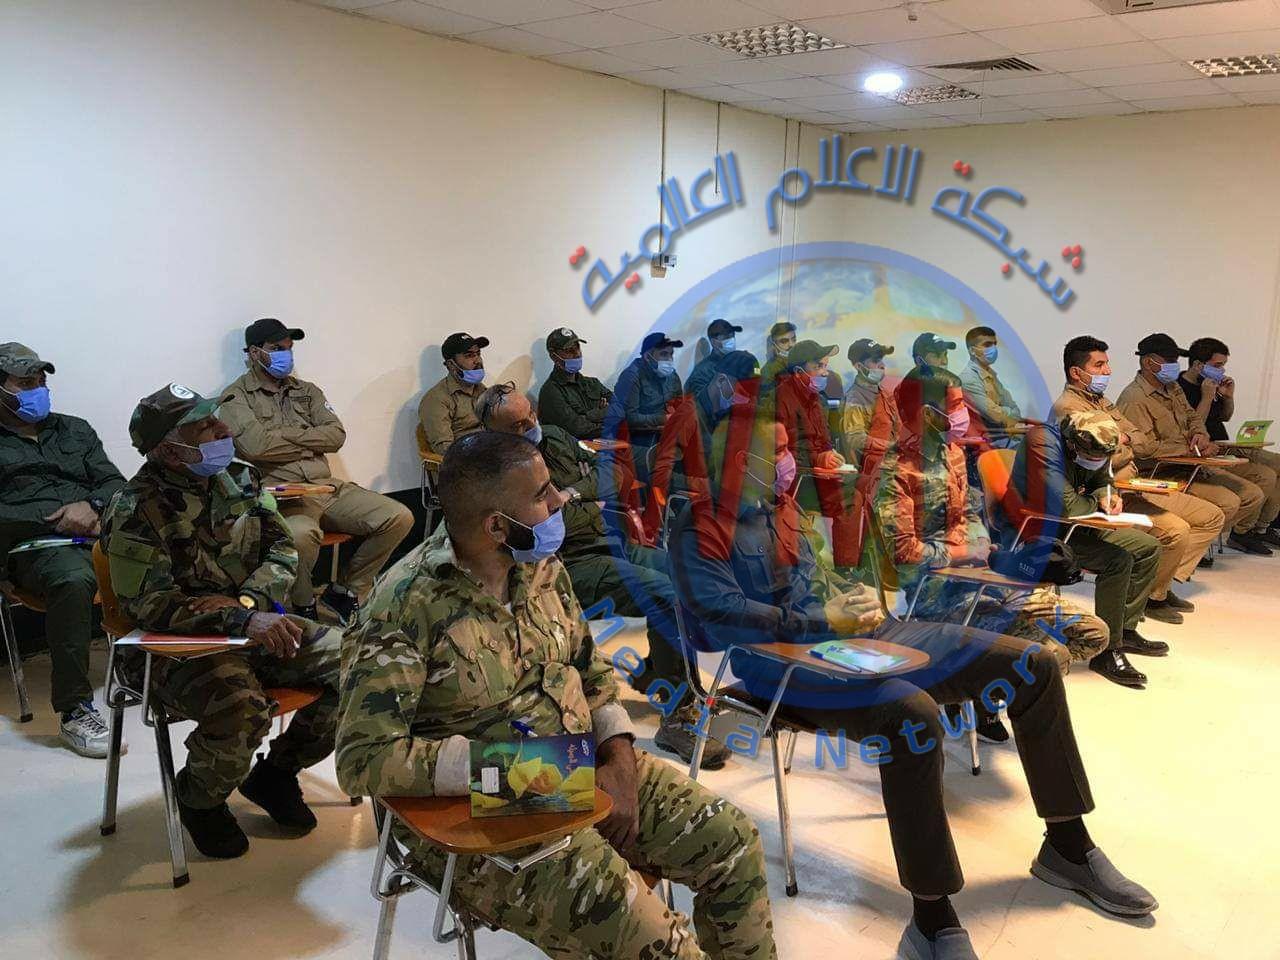 مدرسة التدريب العسكري في مديرية مقاتلة الدروع تستأنف نشاطها بعد انقطاع أستمر لأشهر